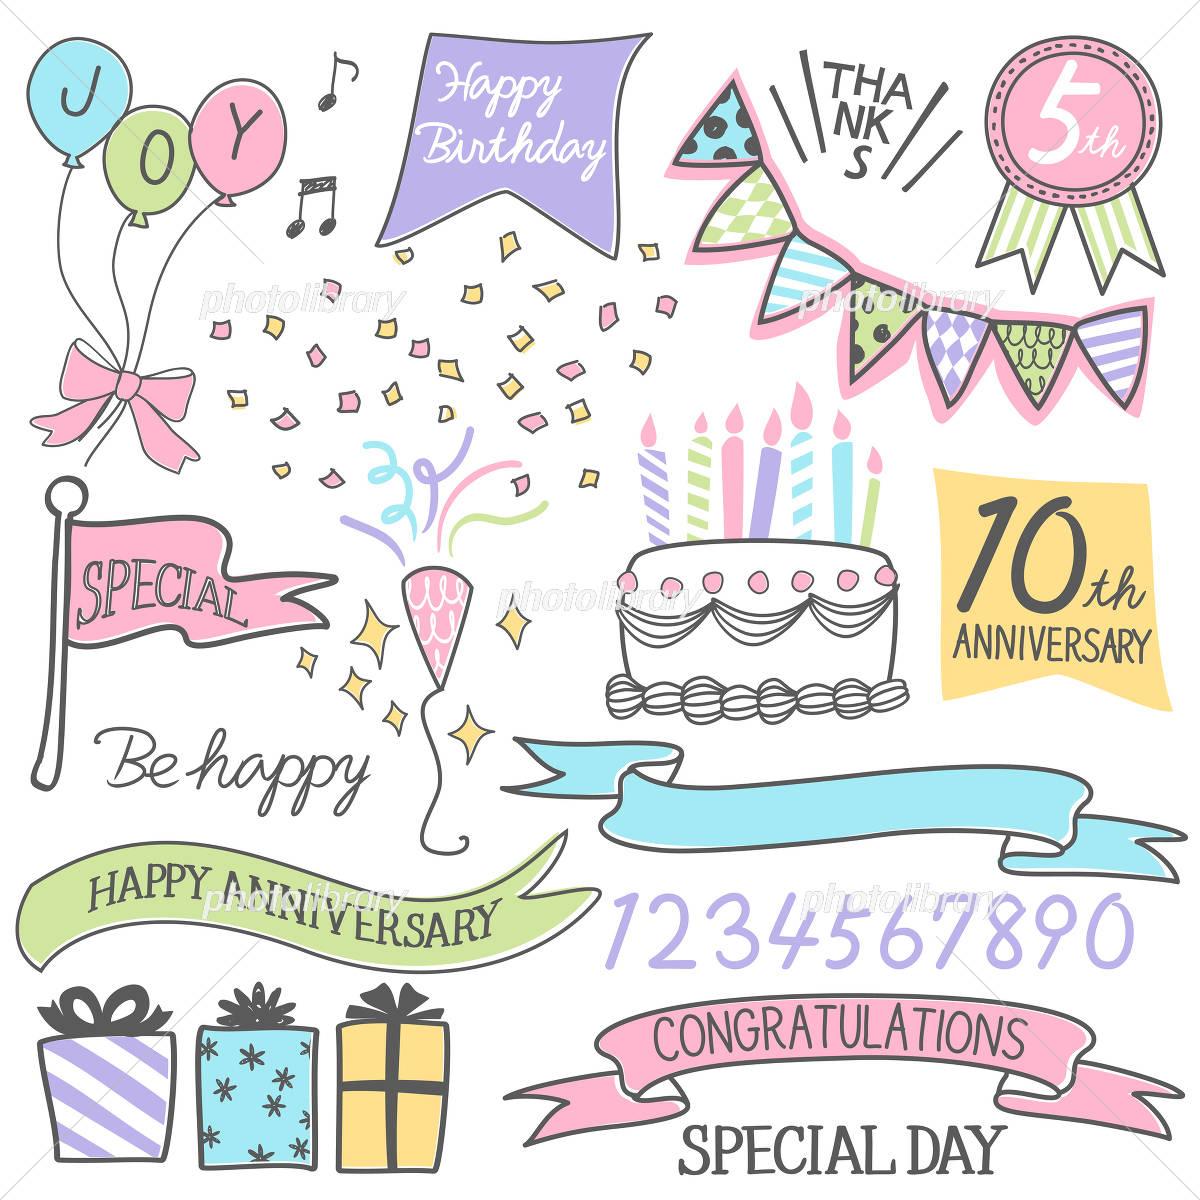 手書き風 アニバーサリー 周年 記念 デザイン イラスト素材 4415375